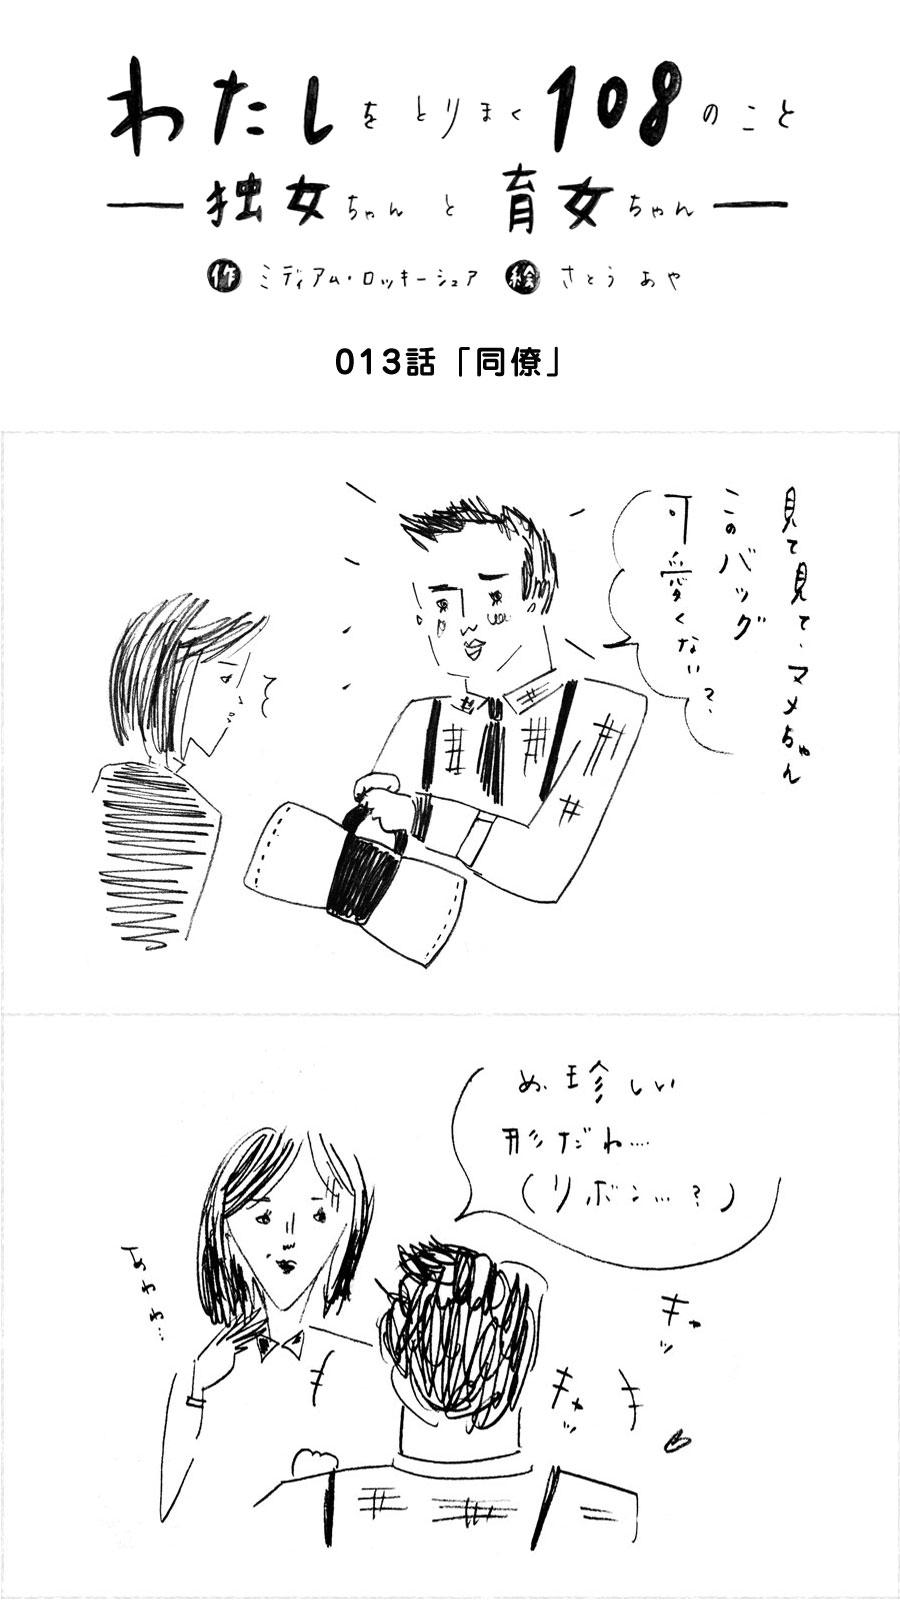 013_独女ちゃん_同僚_002